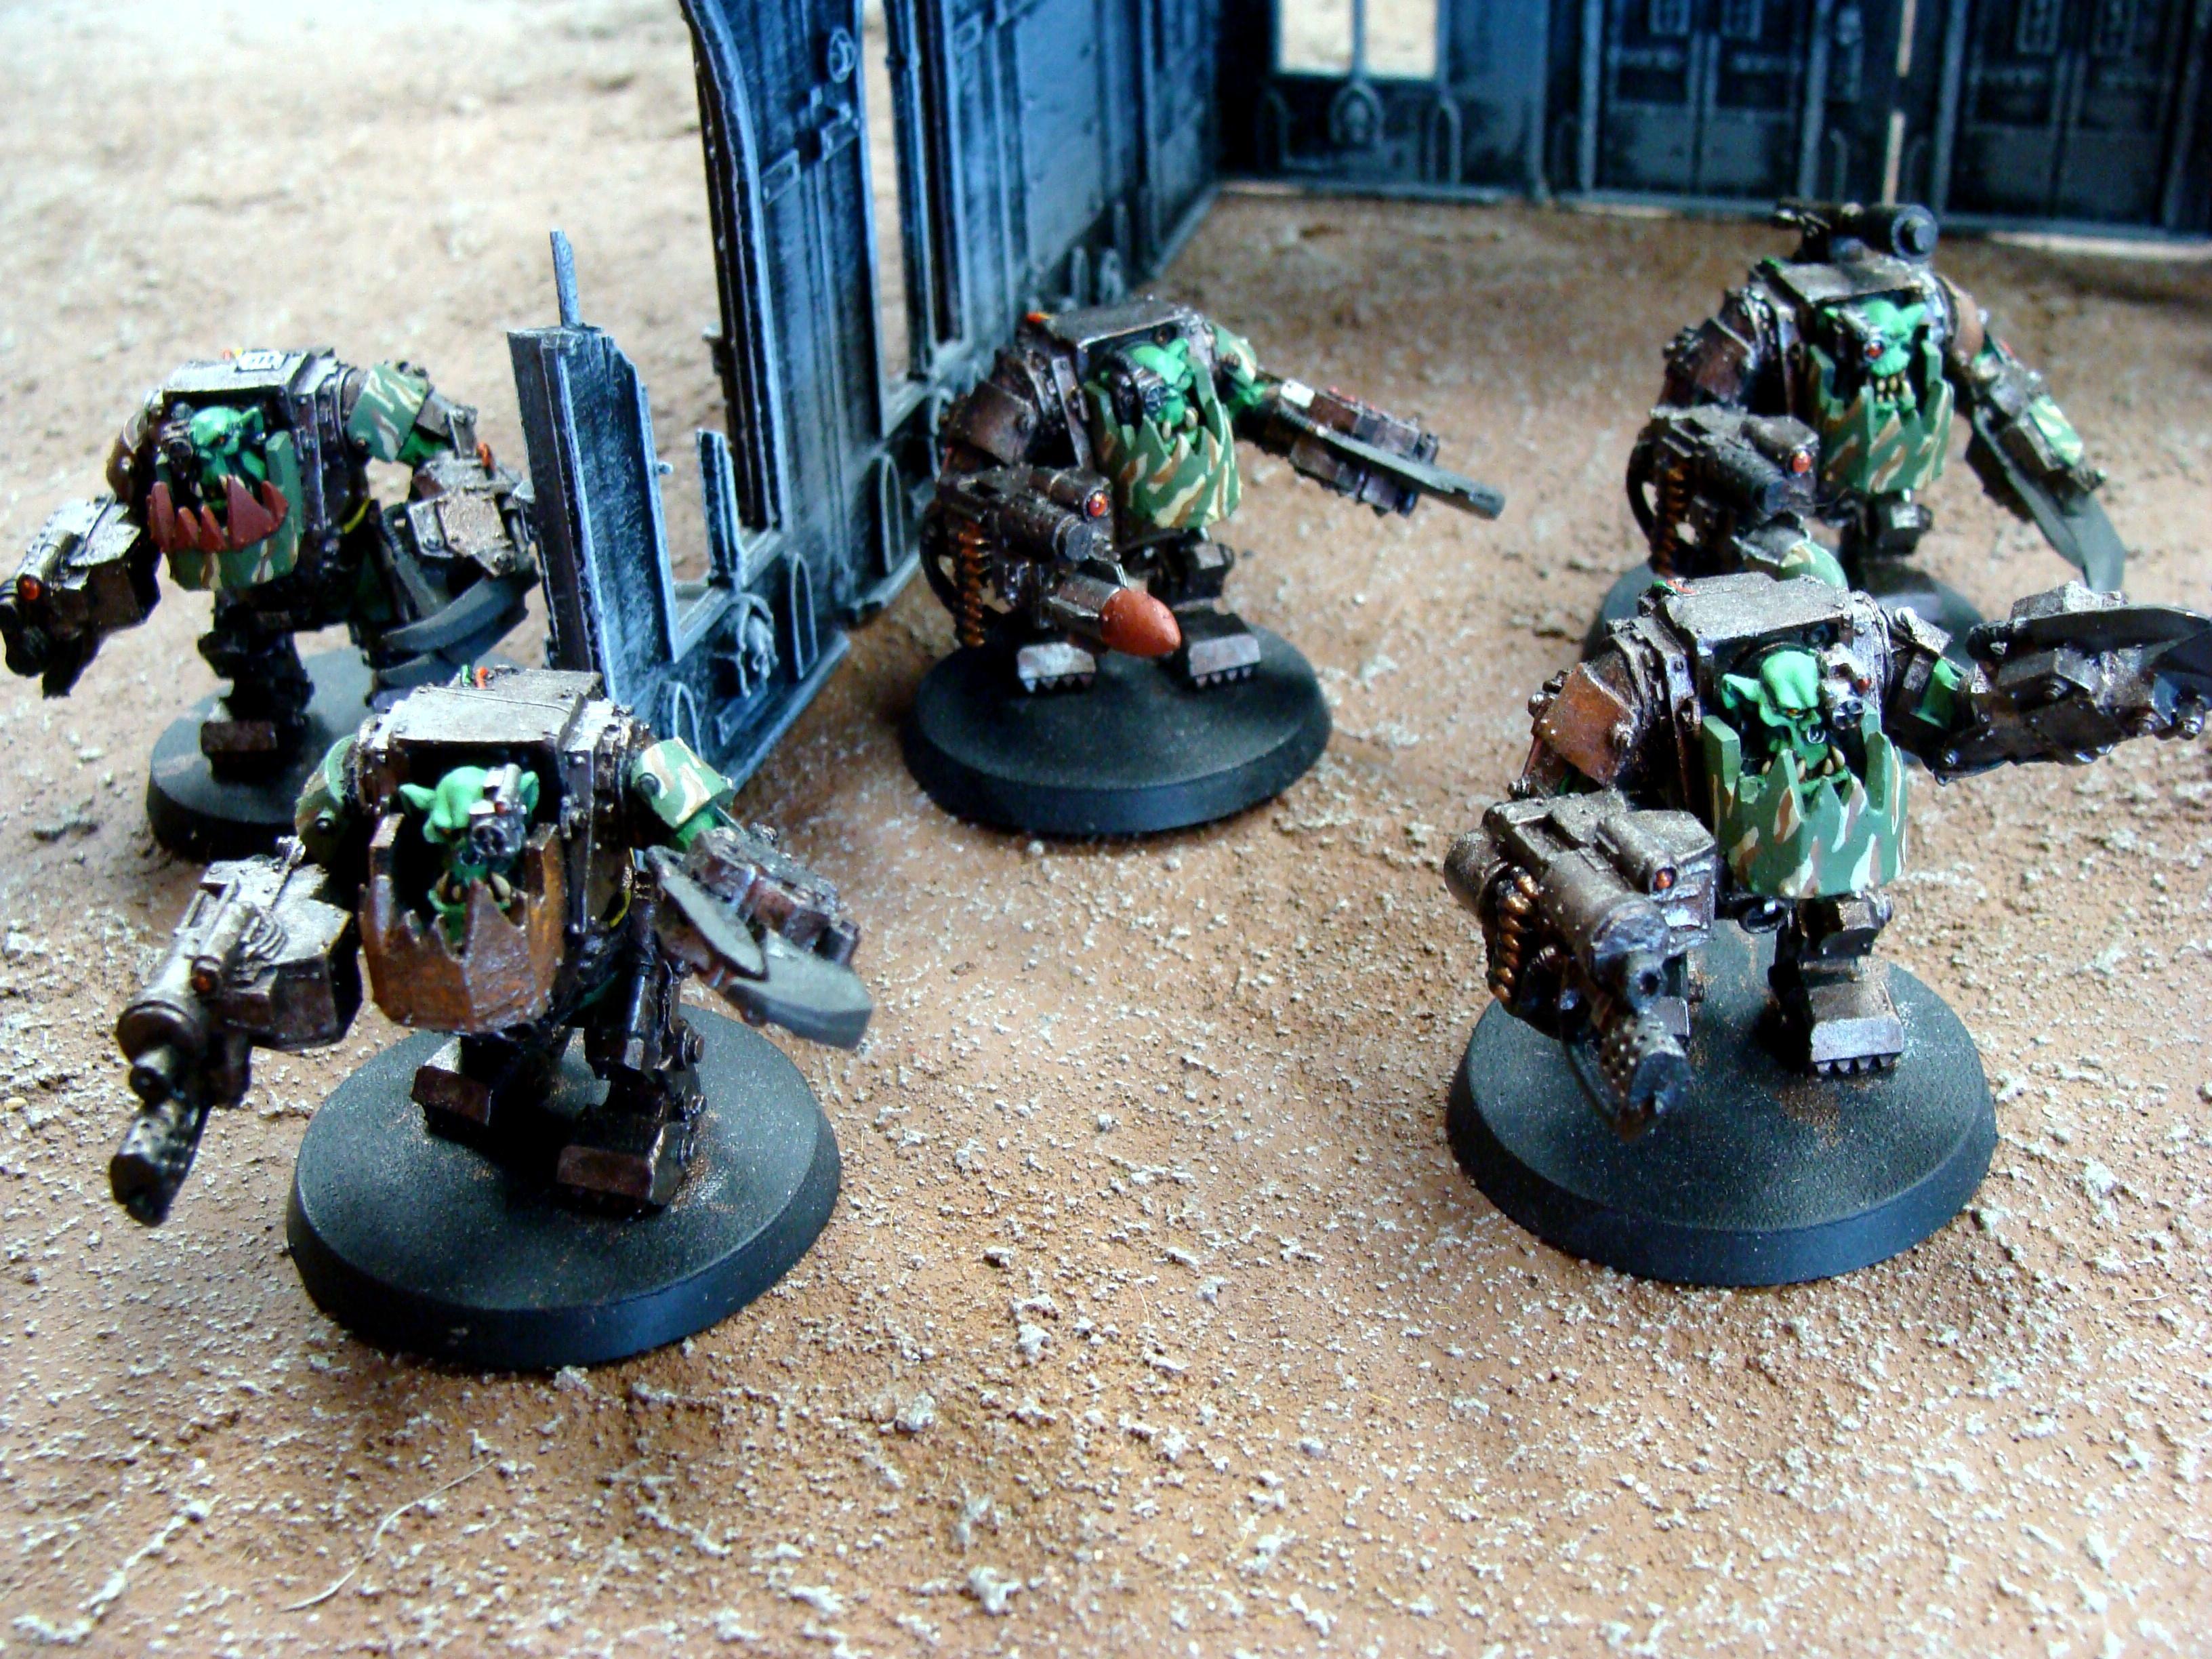 Mega Armored Nobs, Orks, Warhammer 40,000